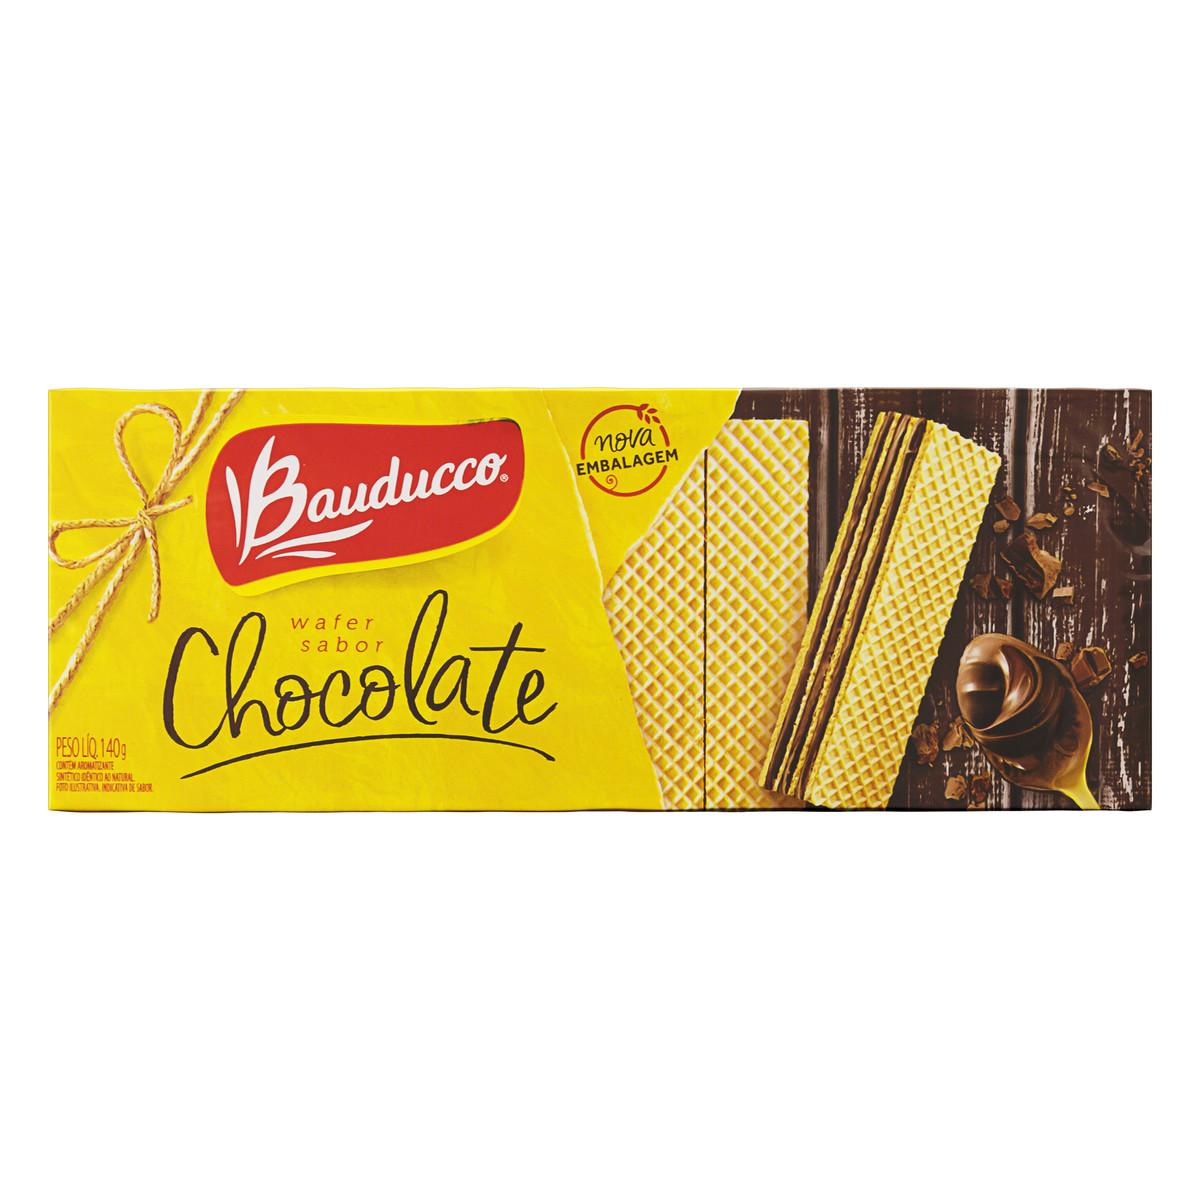 Biscoito Wafer Com Recheio De Chocolate Bauducco Pacote 140g